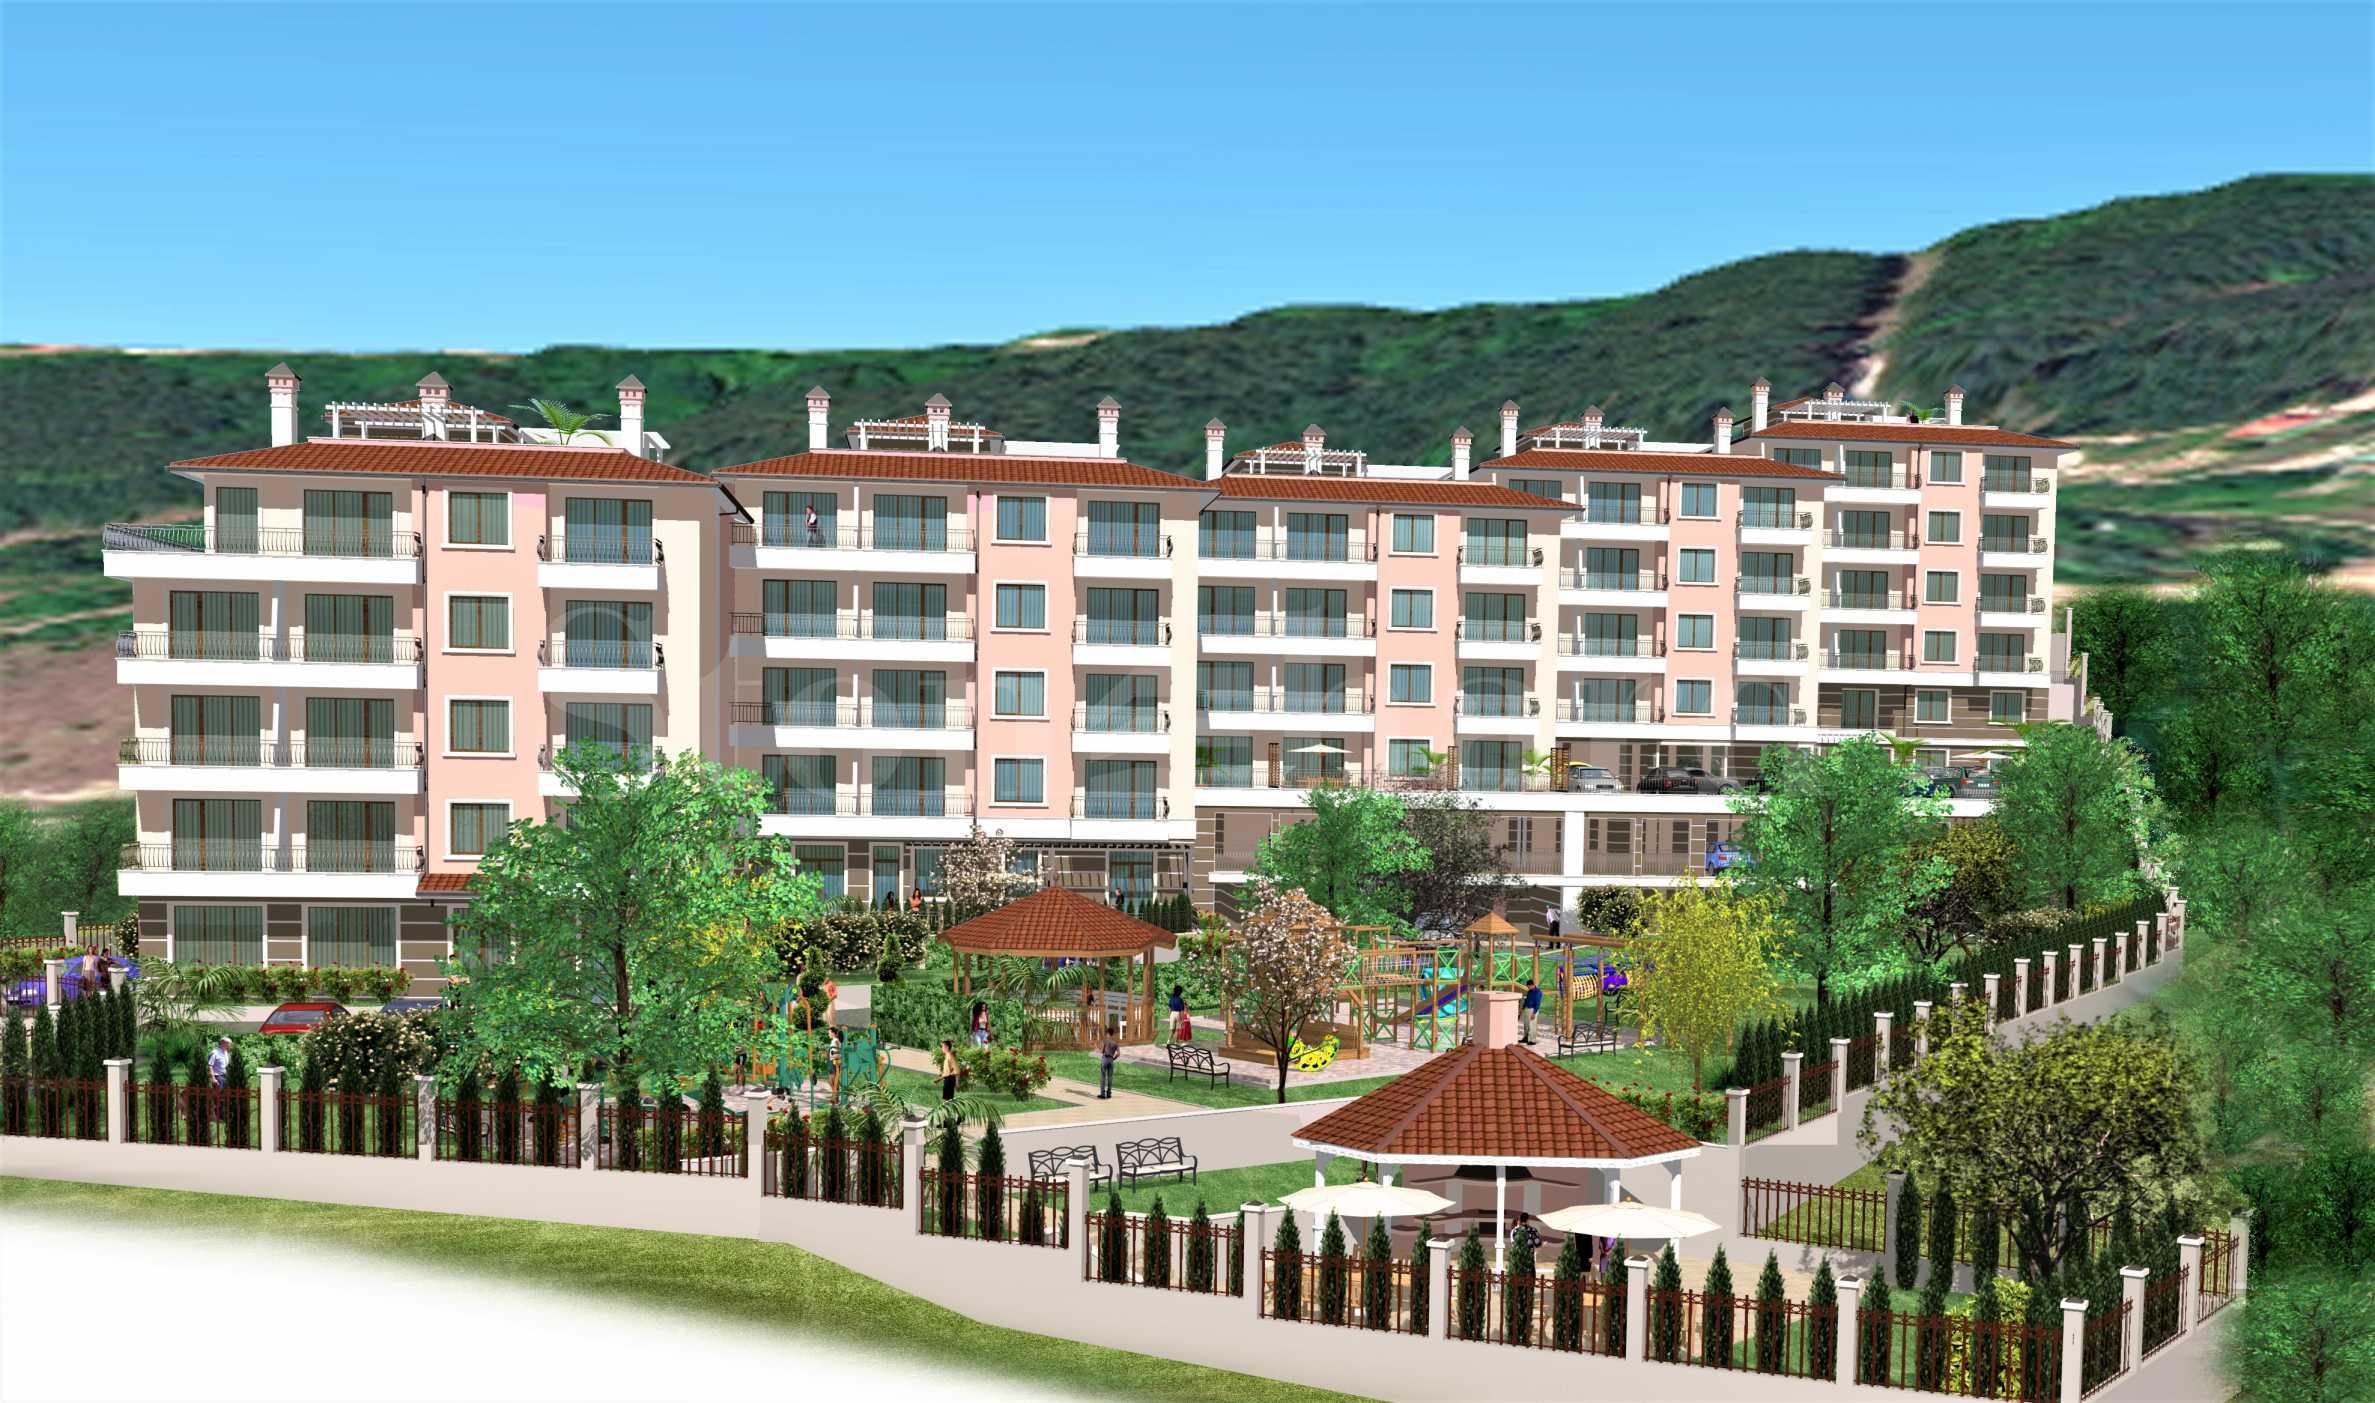 Апартаменти ново строителство с гледки към морето и планината2 - Stonehard